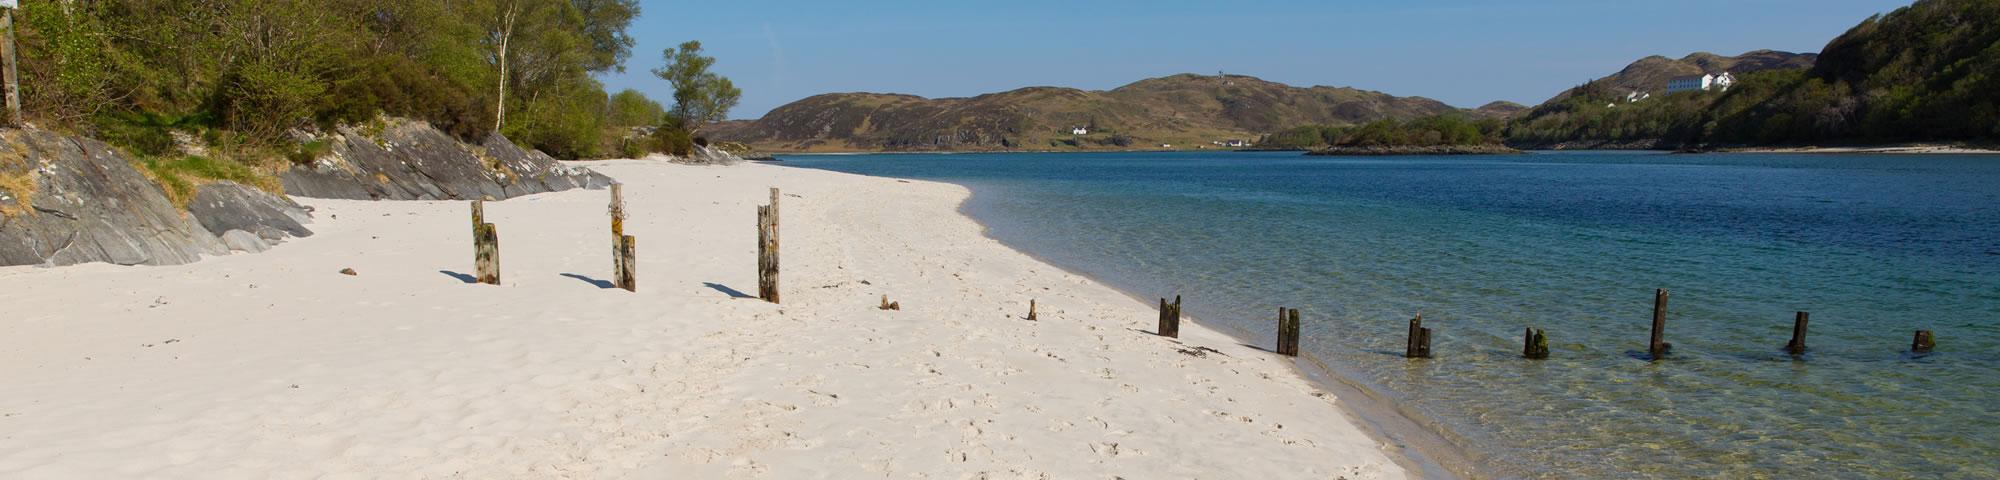 White sands at Morar